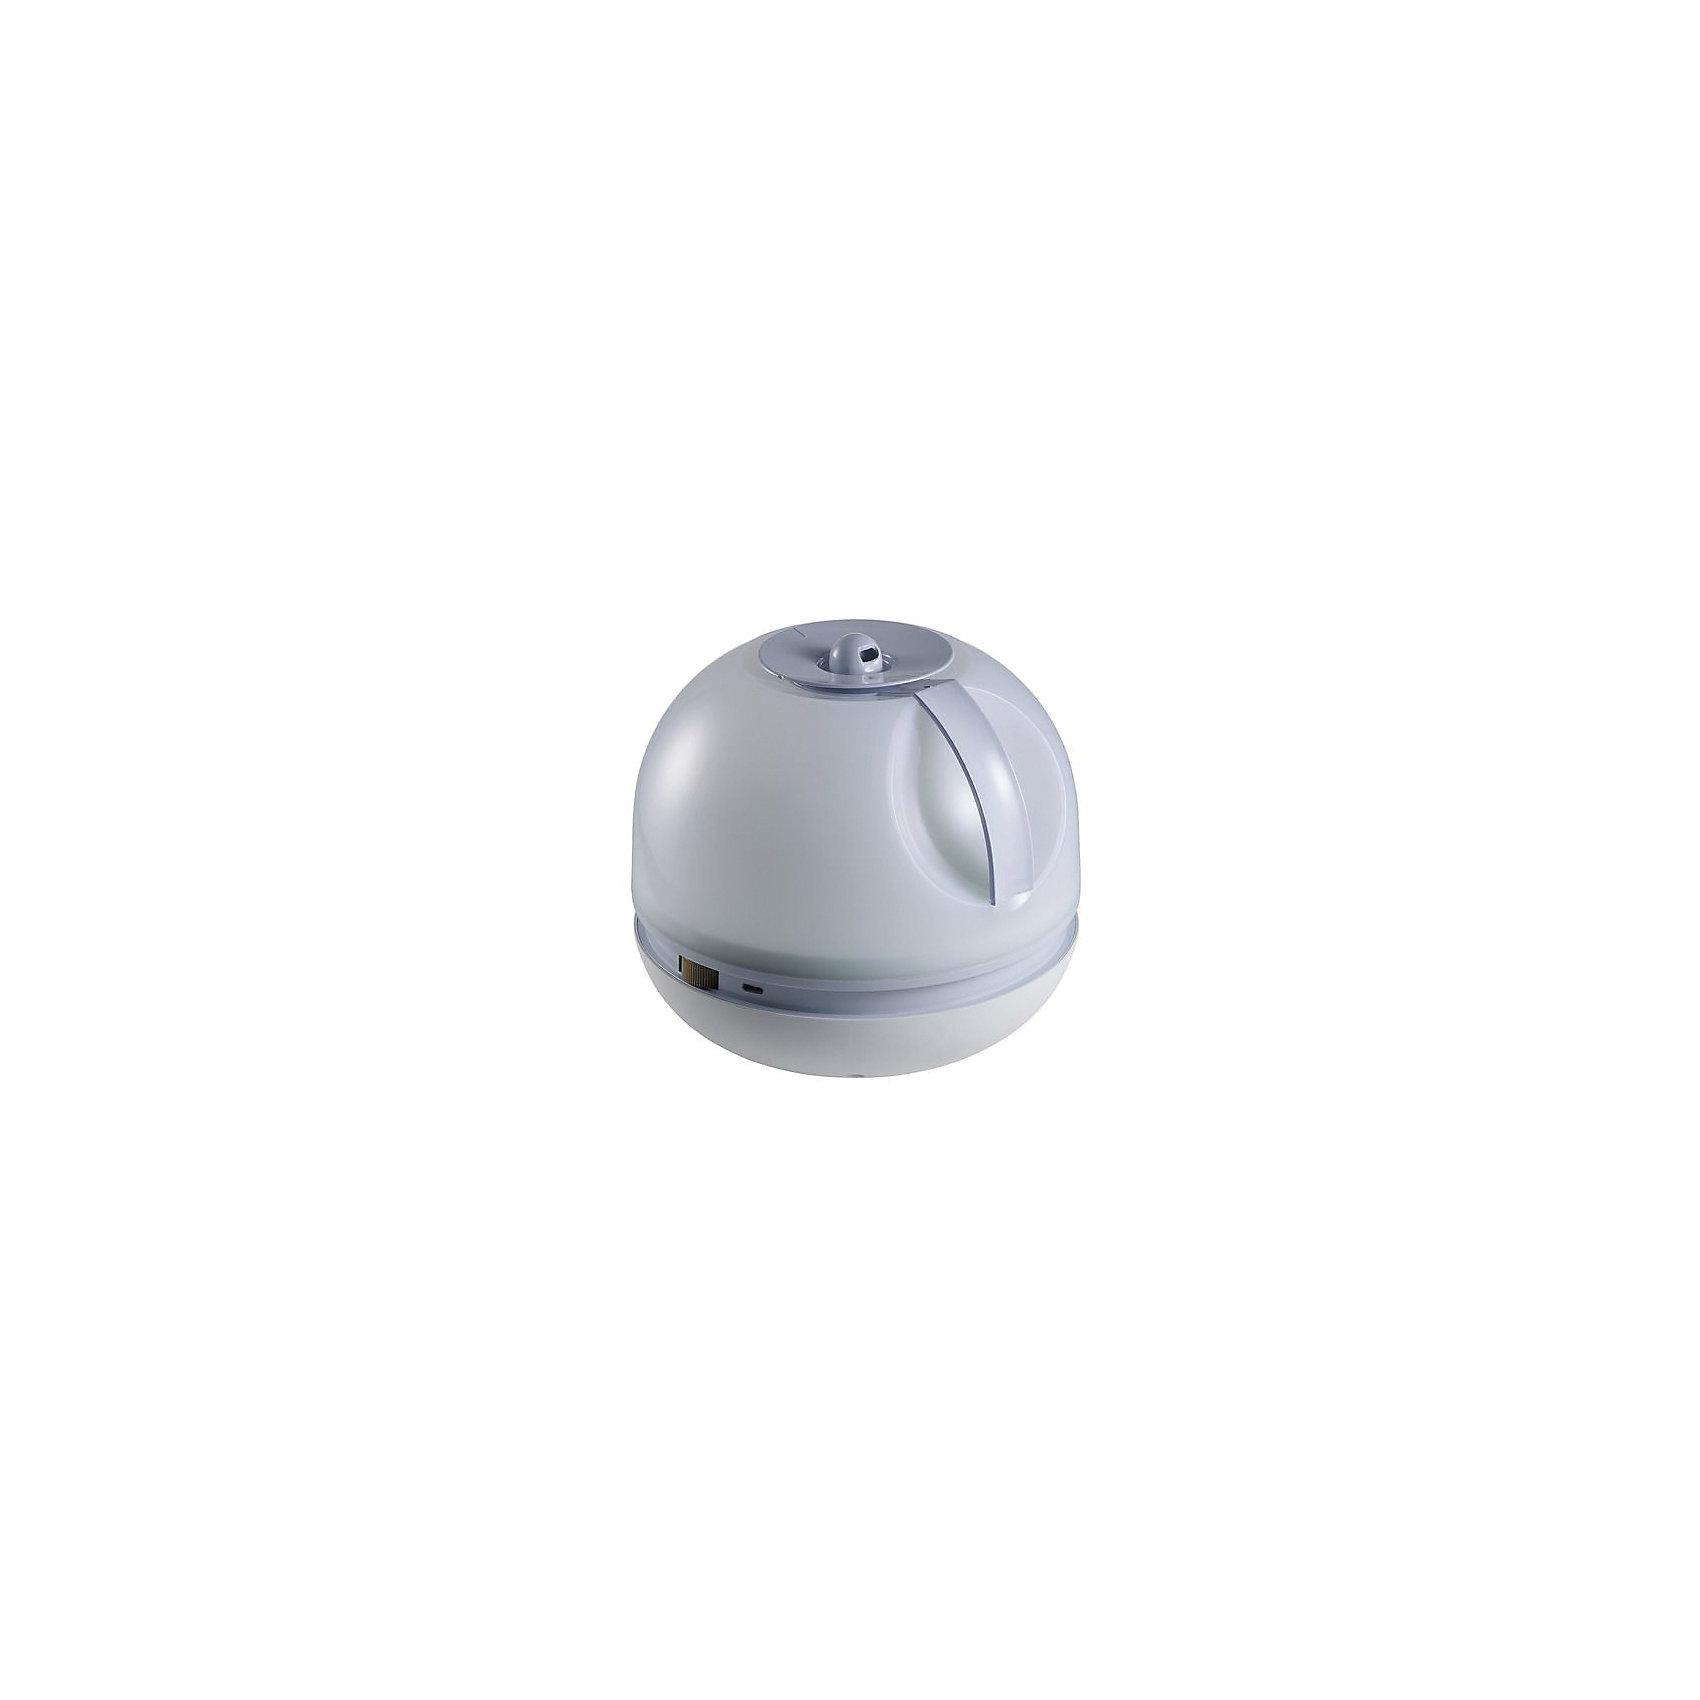 Увлажнитель воздуха ультразвуковой SILENSO, BeabaУвлажнители воздуха<br>Увлажнитель воздуха ультразвуковой SILENSO, Beaba (Беаба)<br><br>Характеристики:<br><br>• увлажняет воздух, обеспечивая ребенку комфорт при дыхании<br>• вместительный резервуар 2,5 л<br>• система холодного пара<br>• работает до 20 часов<br>• бесшумный<br>• автоматическое отключение при низком уровне воды<br>• потребление энергии - 25 Ватт<br>• легко очистить<br>• расход воды: 260 мл/ч<br>• размер: 22х28х27 см<br>• вес: 1200 грамм<br><br>Чтобы предотвратить такие болезни как бронхит, конъюнктивит и аллергия, необходимо регулярно увлажнять воздух в детской комнате. С этой задачей отлично справится ультразвуковой увлажнитель воздуха SILENSO Beaba. Полностью заполненного резервуара (2,5 л) хватает на 20 часов работы. При этом увлажнитель работает бесшумно, достигая уровня в 35 Дб. При низком уровне воды увлажнитель отключается автоматически. Увлажнитель SILENSO - для заботы о здоровье малыша!<br><br>Увлажнитель воздуха ультразвуковой SILENSO, Beaba (Беаба) вы можете купить в нашем интернет-магазине.<br><br>Ширина мм: 240<br>Глубина мм: 240<br>Высота мм: 215<br>Вес г: 1920<br>Возраст от месяцев: -2147483648<br>Возраст до месяцев: 2147483647<br>Пол: Унисекс<br>Возраст: Детский<br>SKU: 5445733